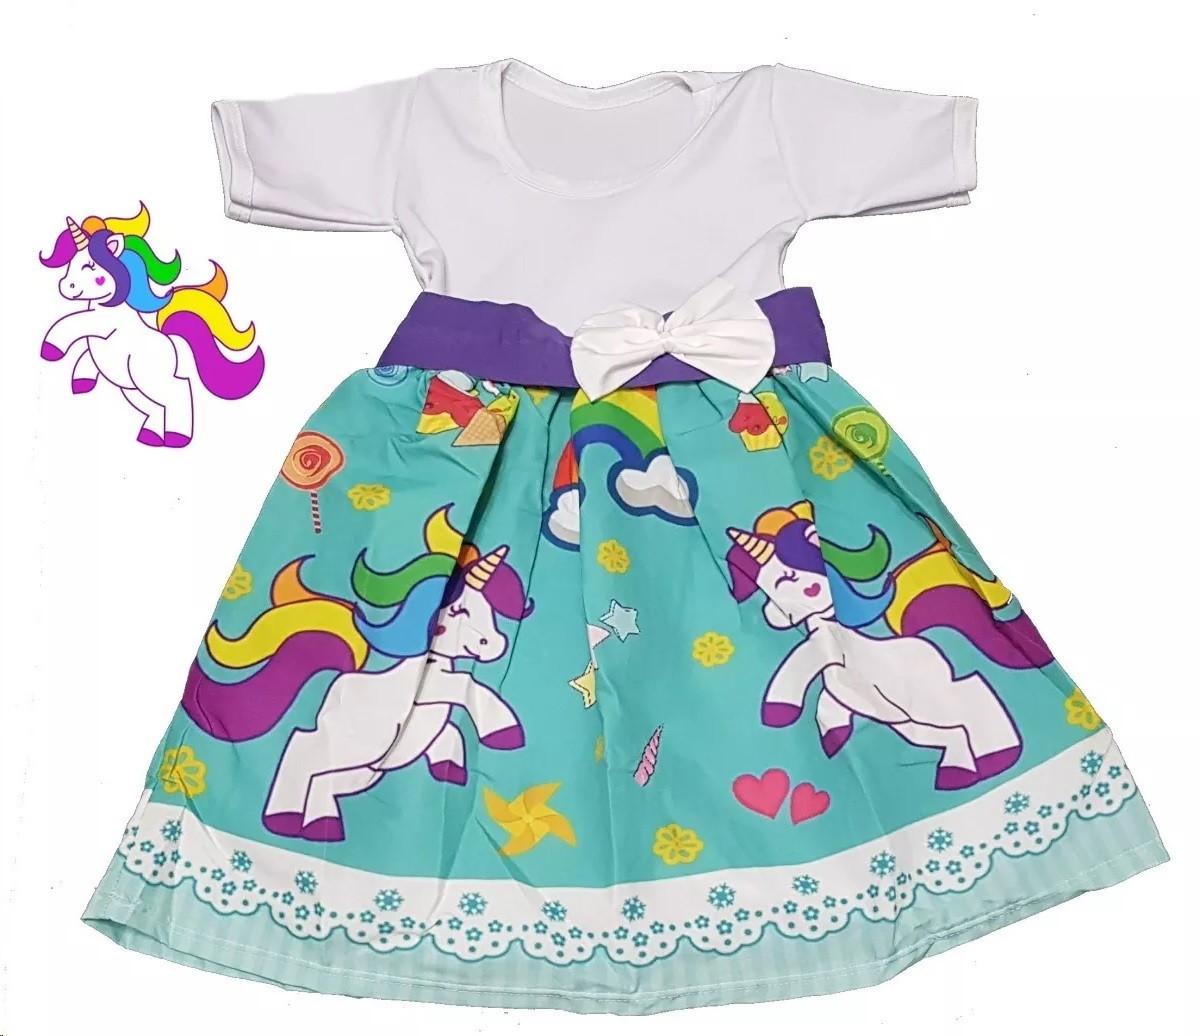 Vestido Infantil Tema Unicórnio Criança Aniversário 2 Anos No Elo7